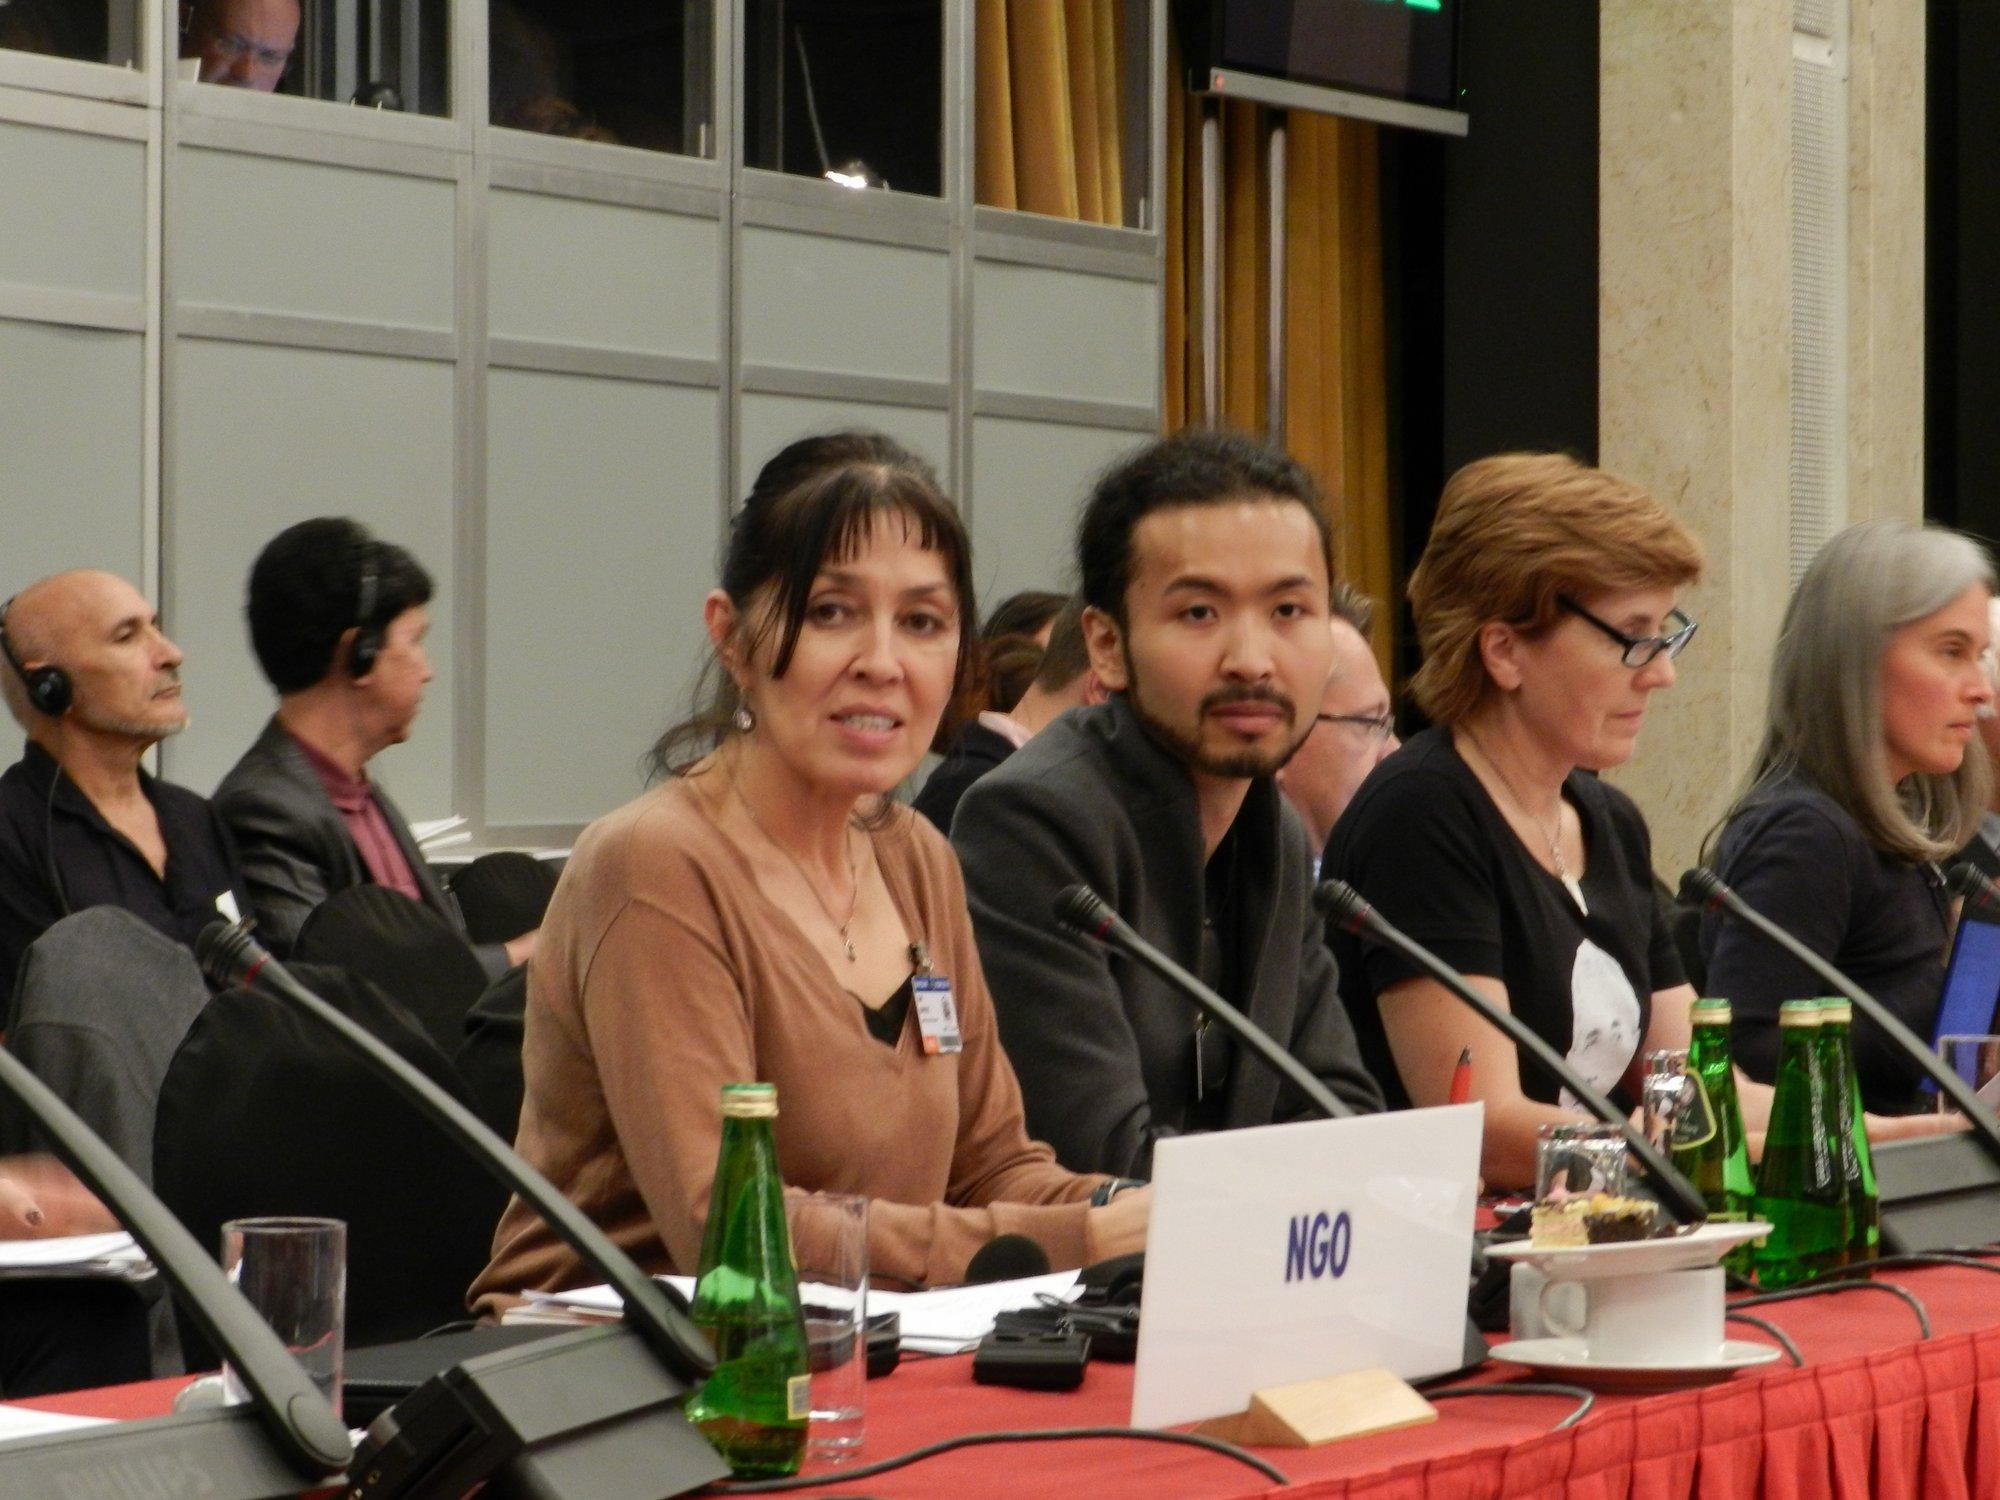 Konferencja OBWE - Balli Marzec i Askar Ajdarchan, syn dysydenta z czasów ZSSR Arona Atabeka, skazanego na 18 lat więzienia w Kazachstanie. 2014r.